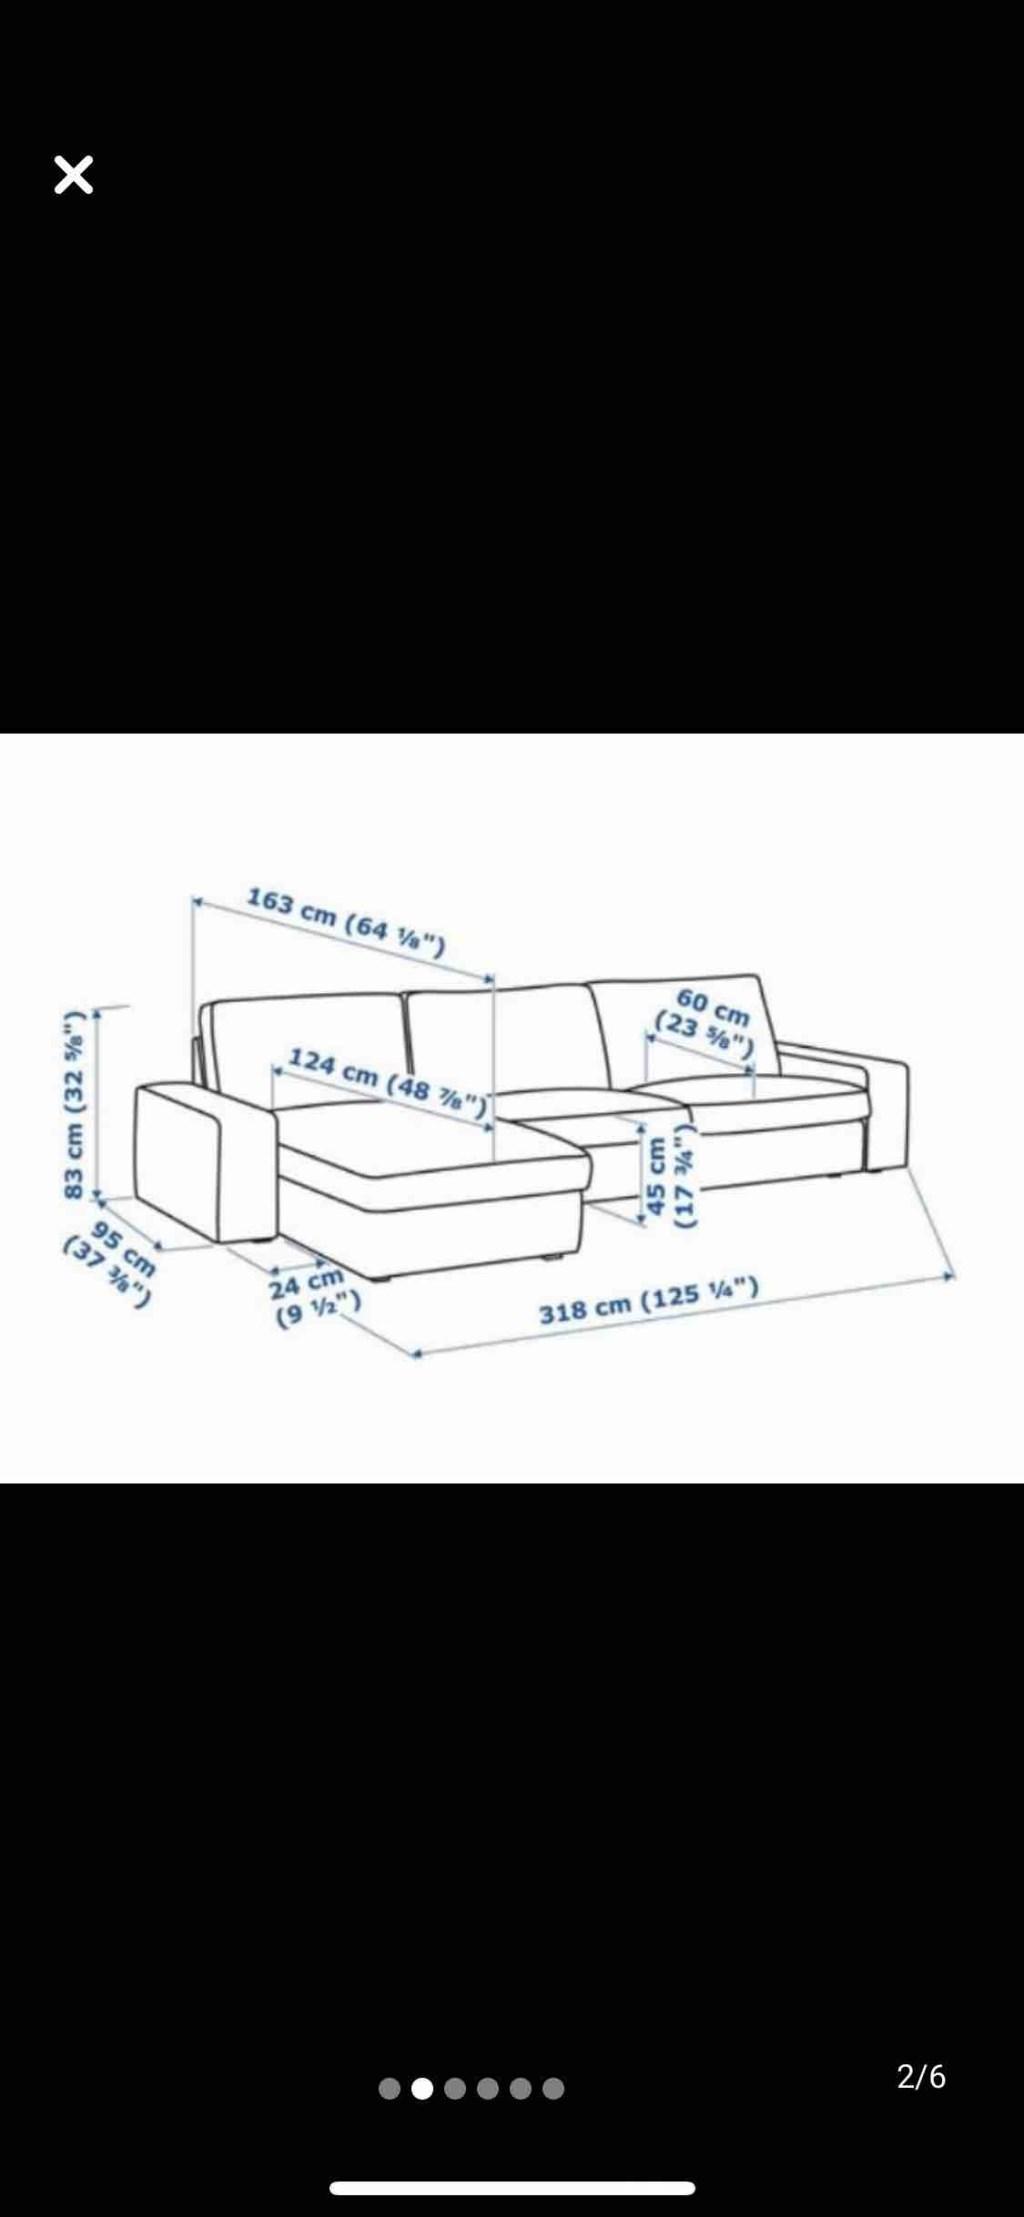 Mavi IKEA KIVIK 3'lü kanepe ve uzanma koltuğu Modelleri ve ...